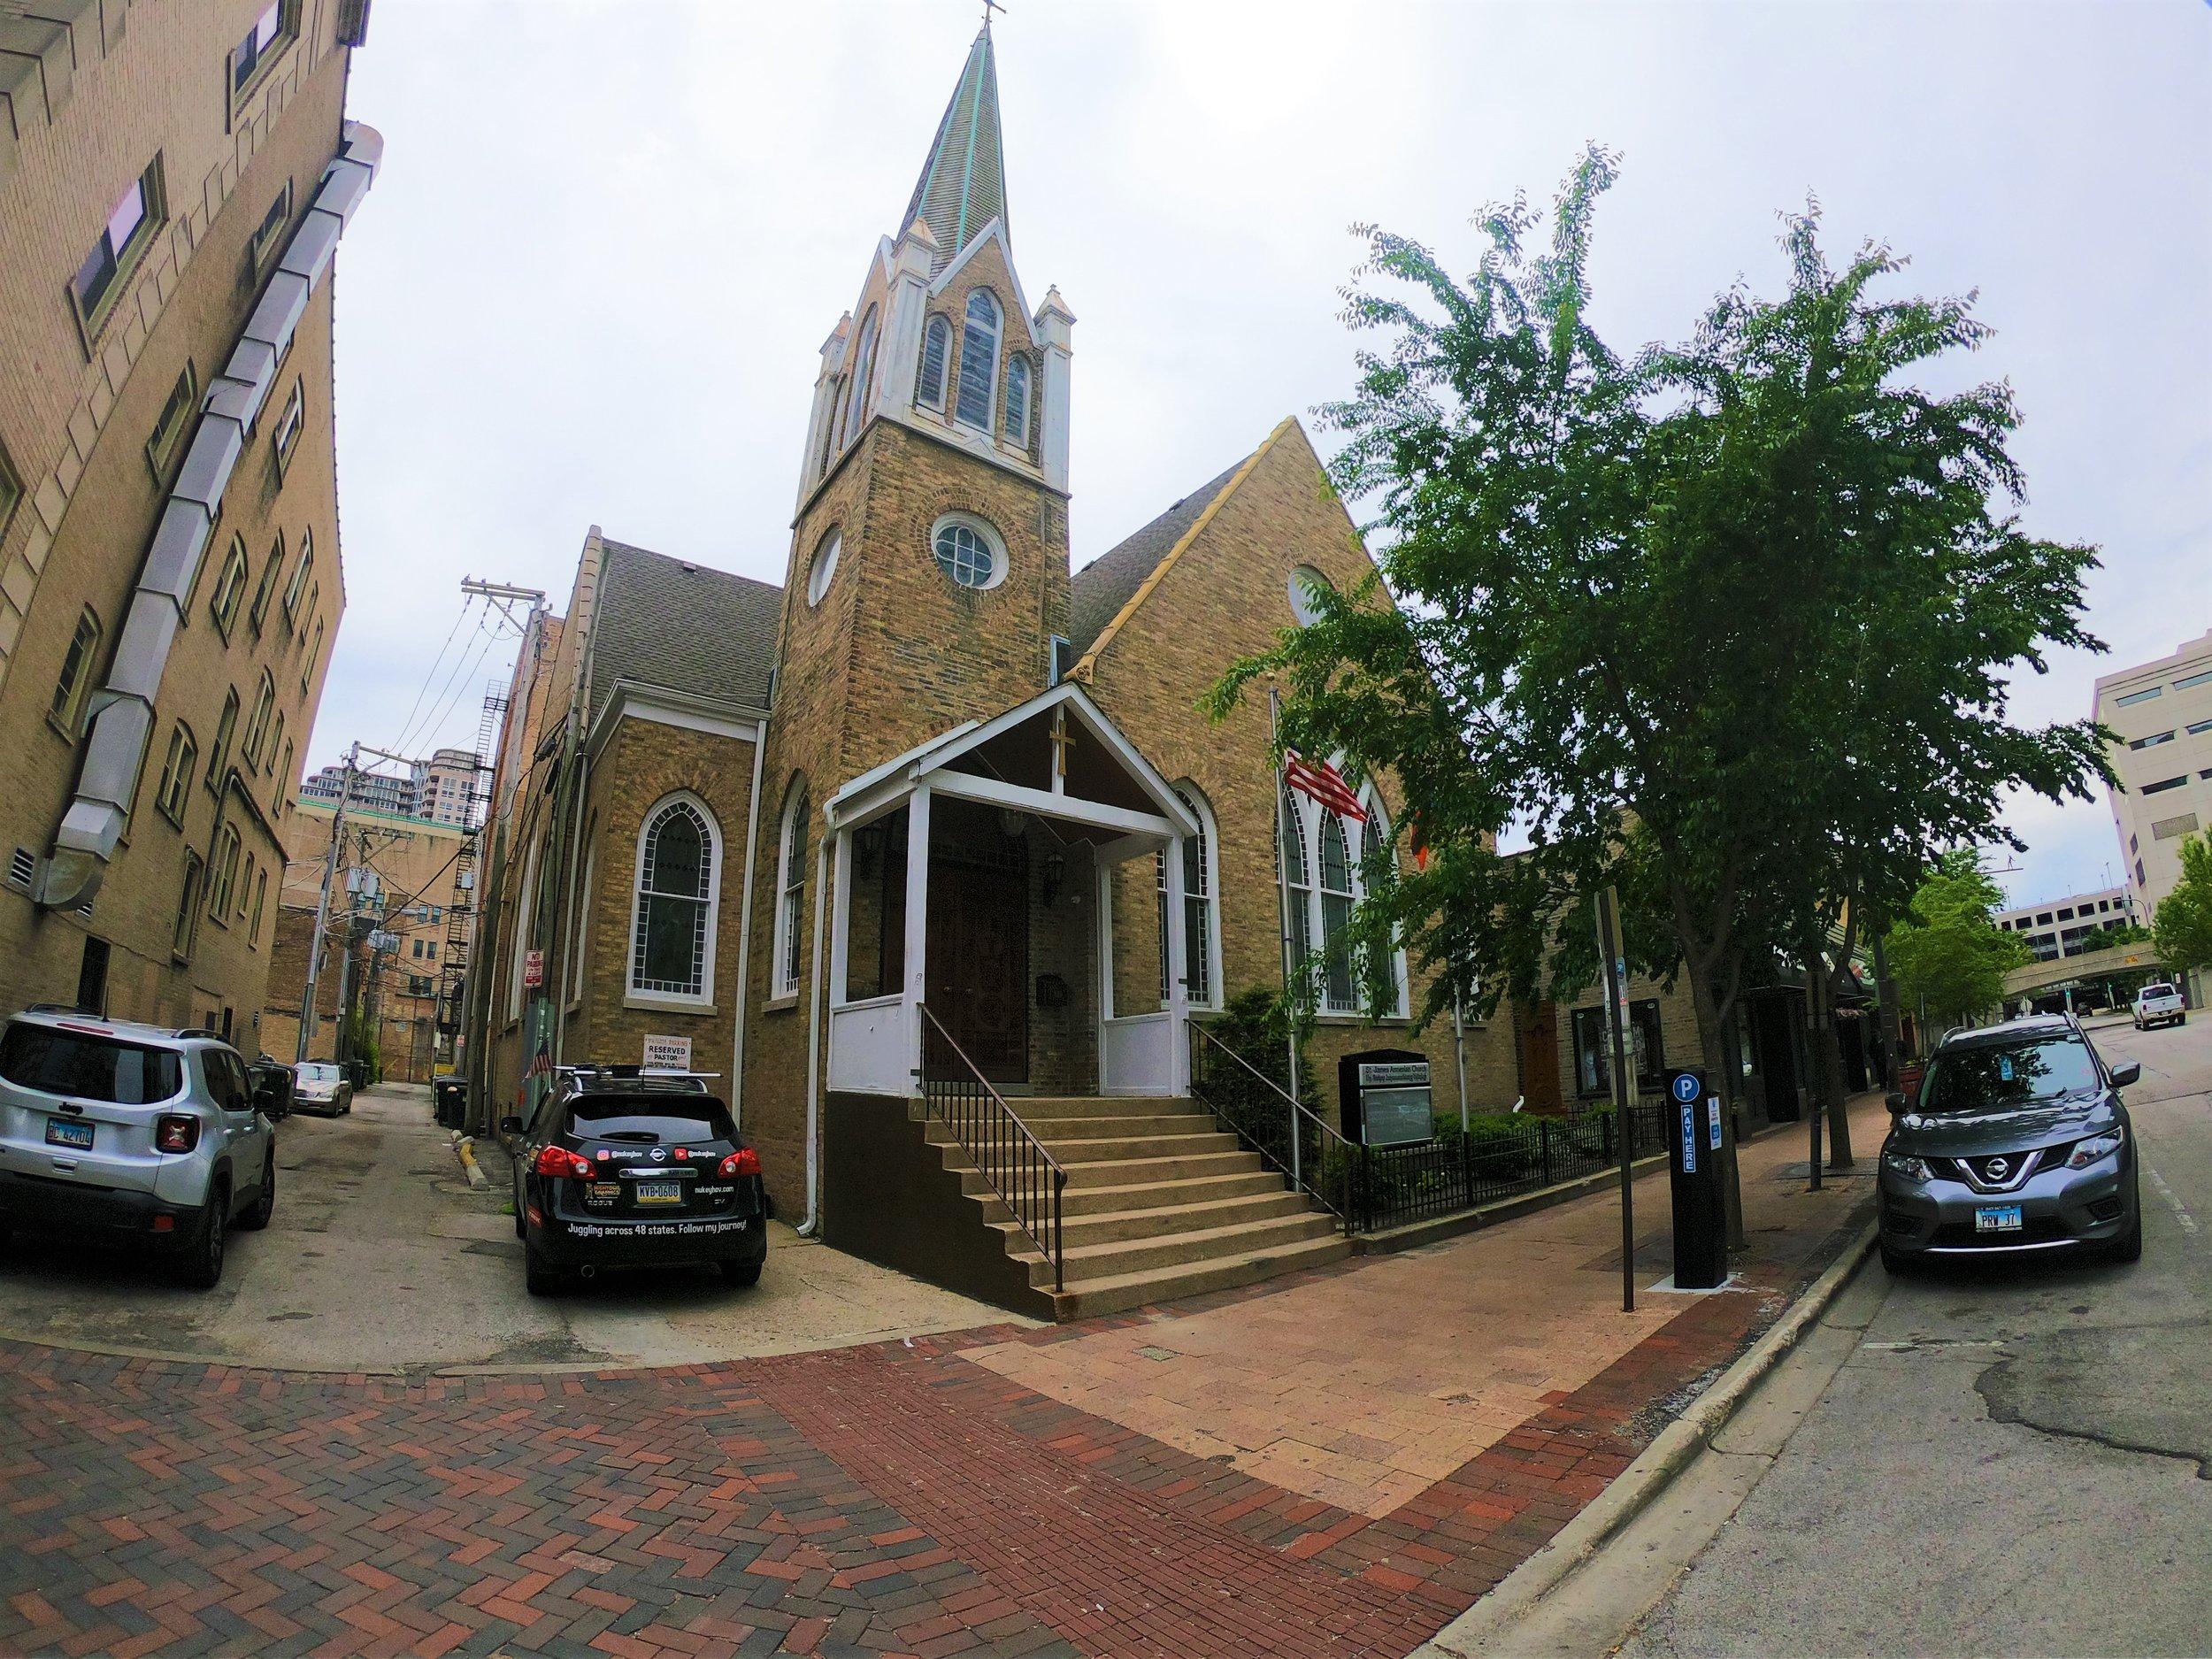 St. James Armenian Church in Evanston, Illinois